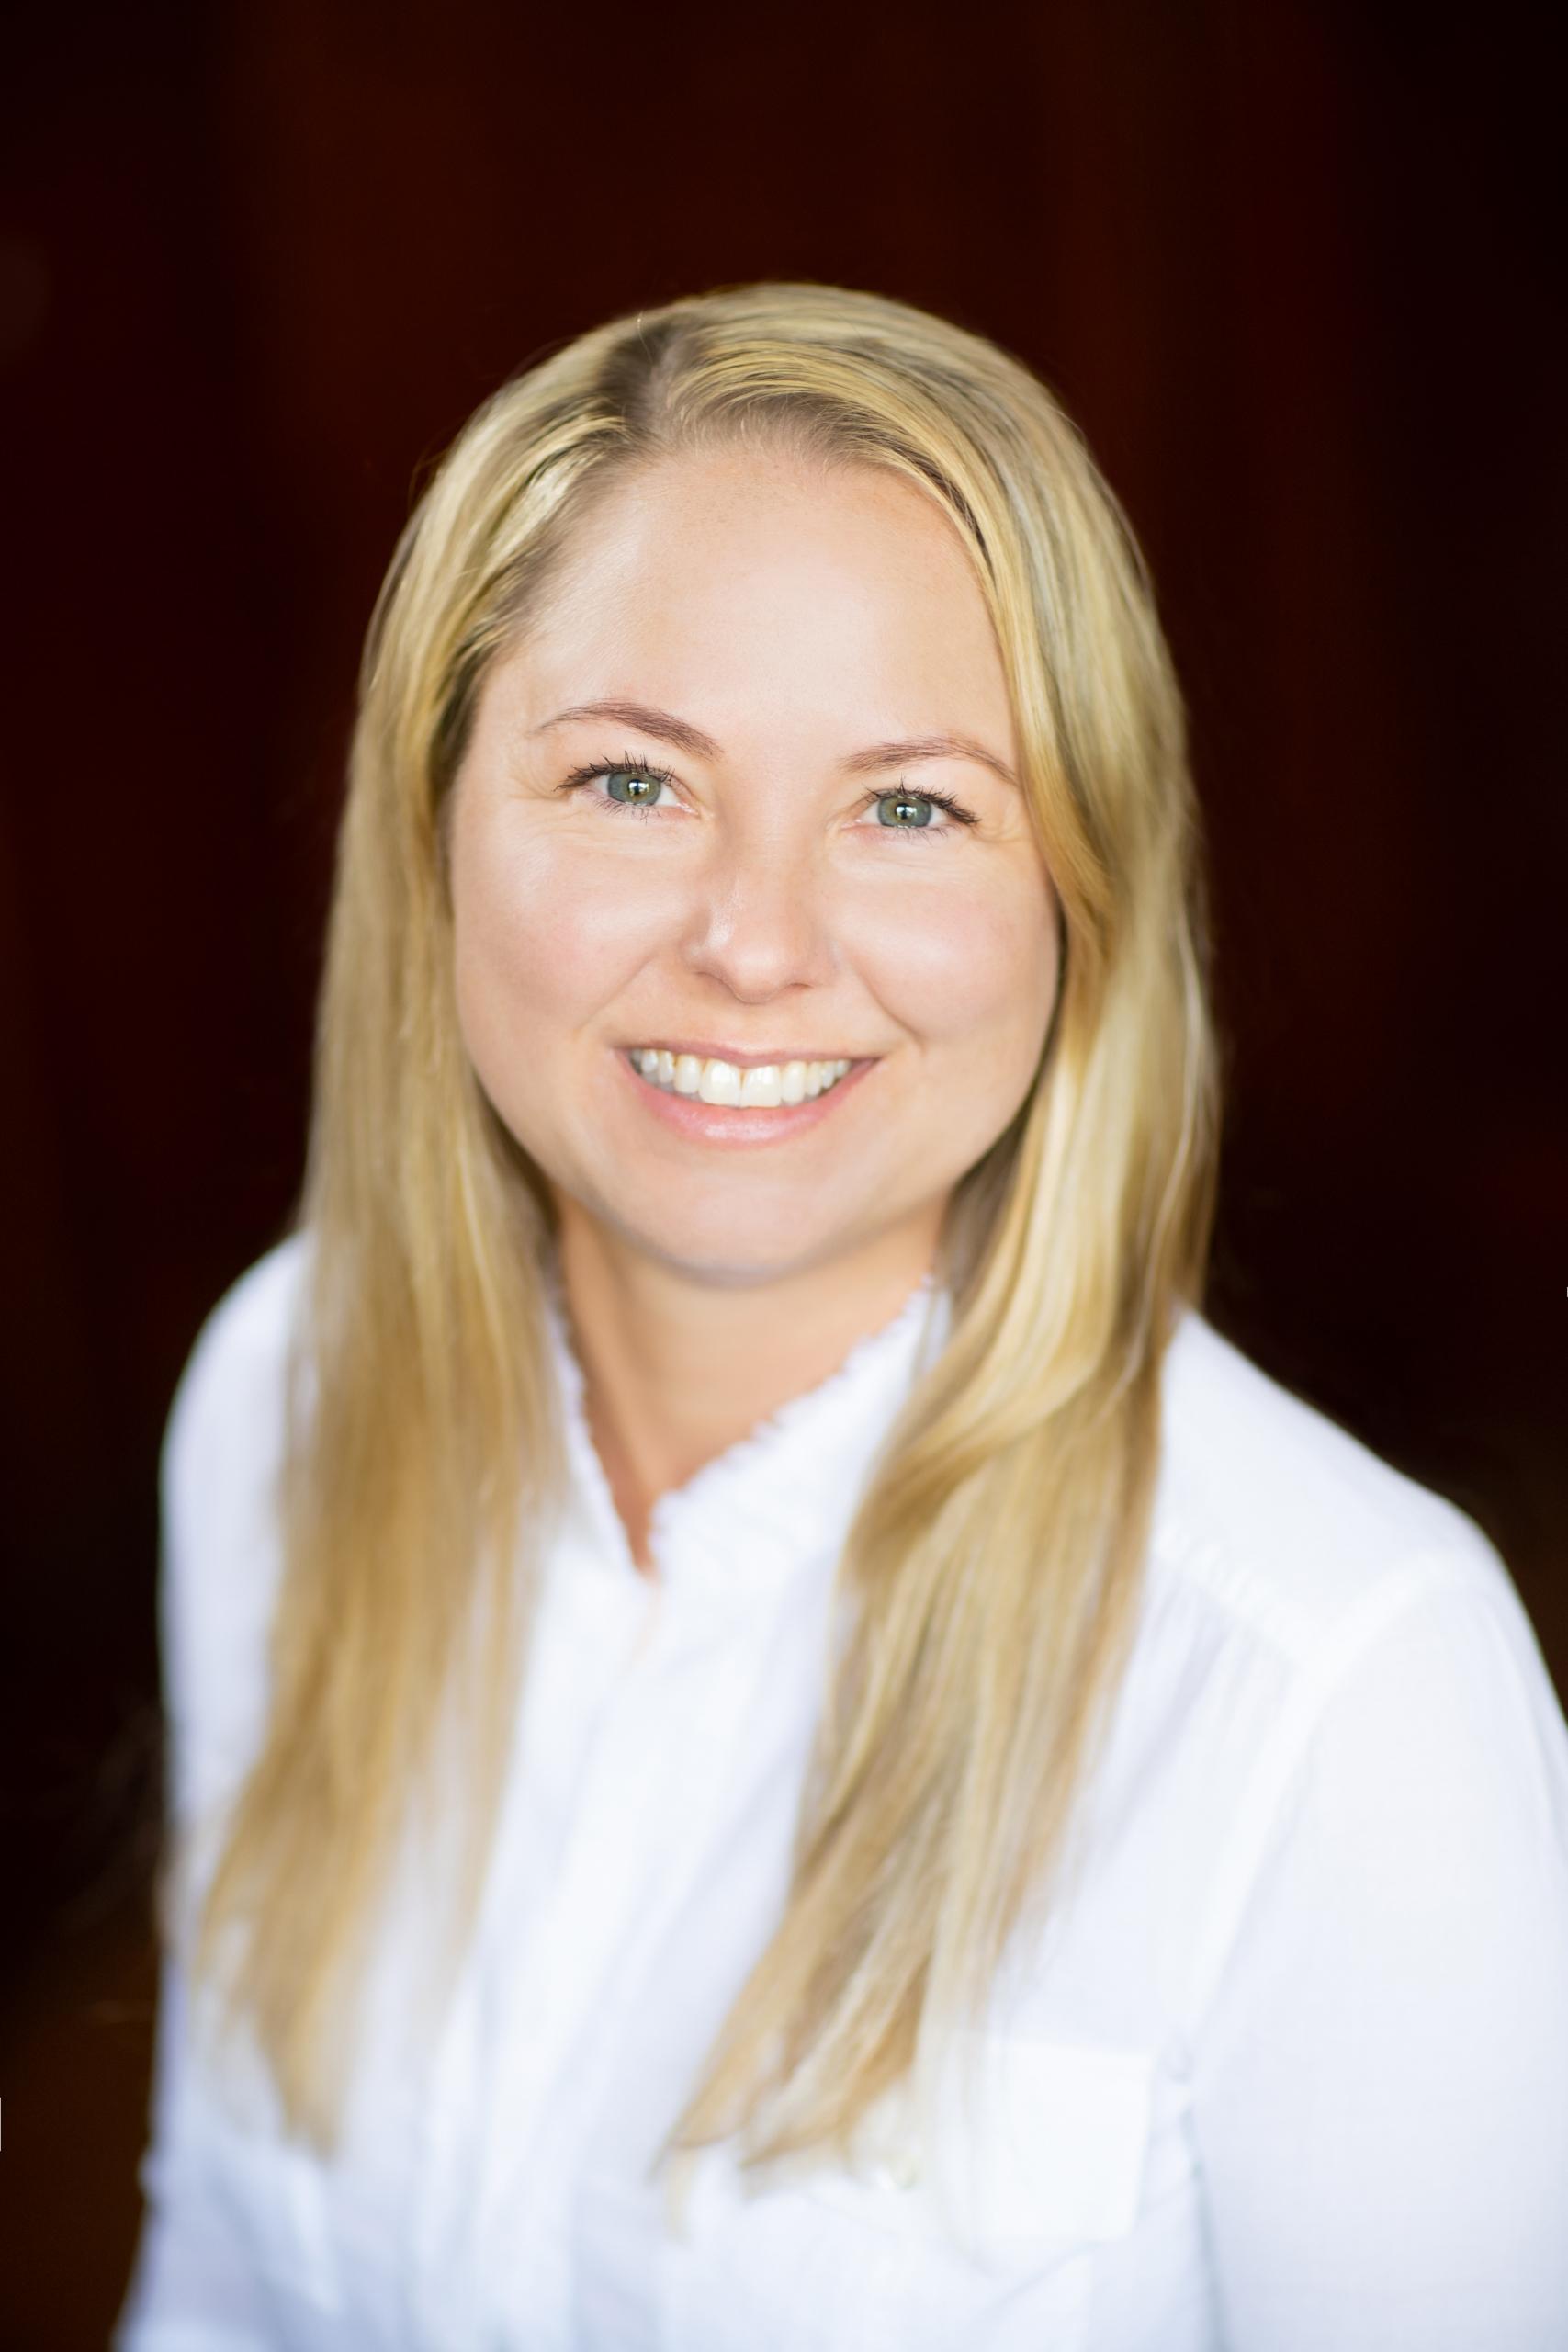 Agent Erica Dagle